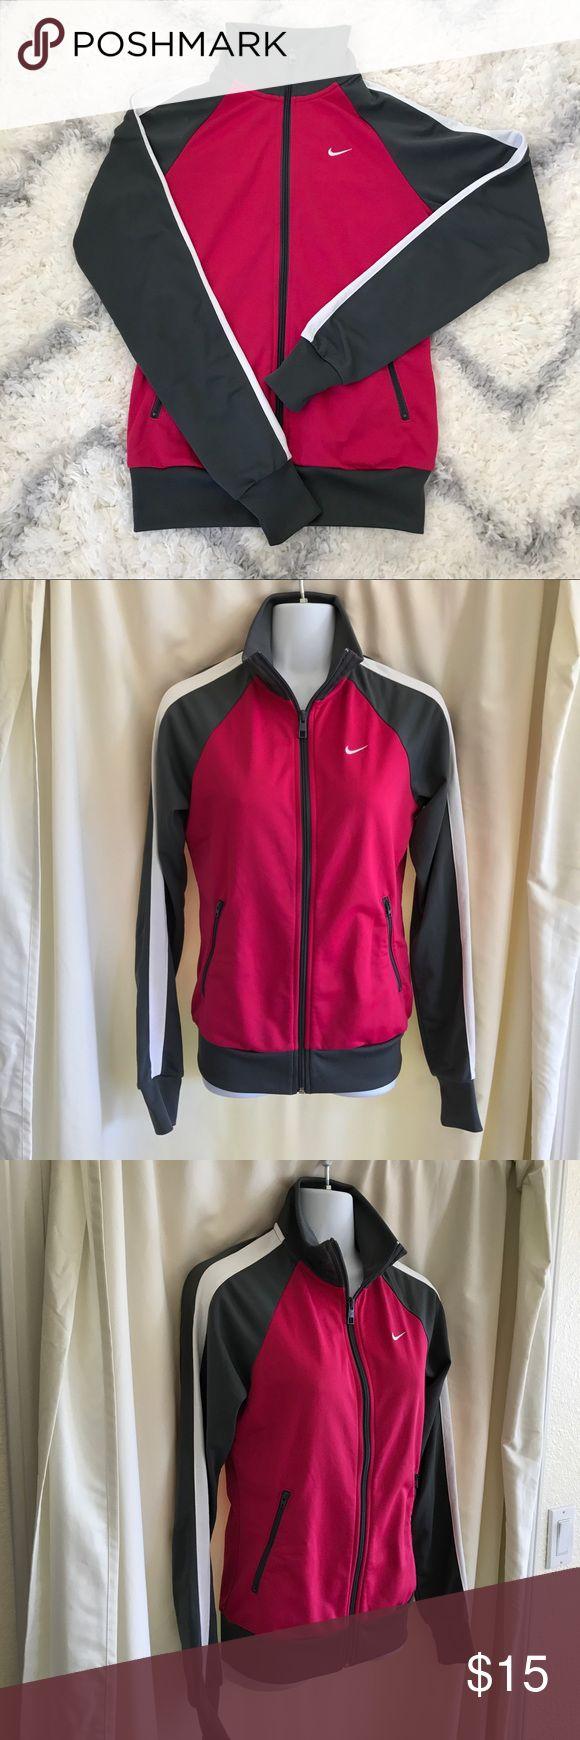 Nike running jacket  (bin:o) Pink, gray & white Nike Running jacket size S Nike Jackets & Coats